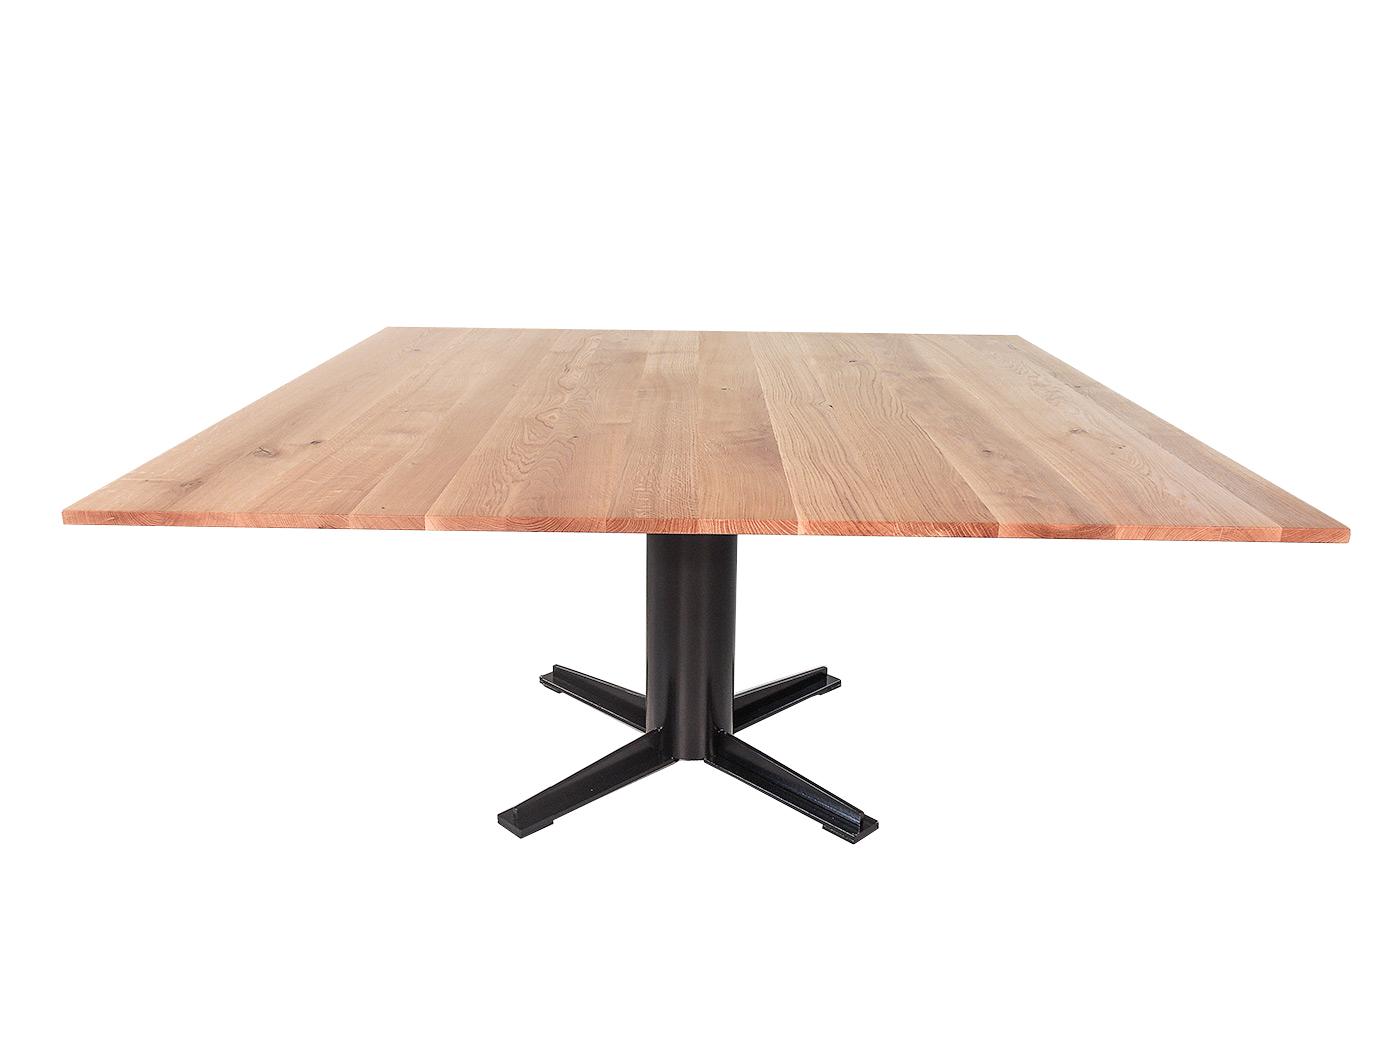 Vierkante Eettafel 12 Personen.Nevada Vierkante Eettafel Voor 8 Personen